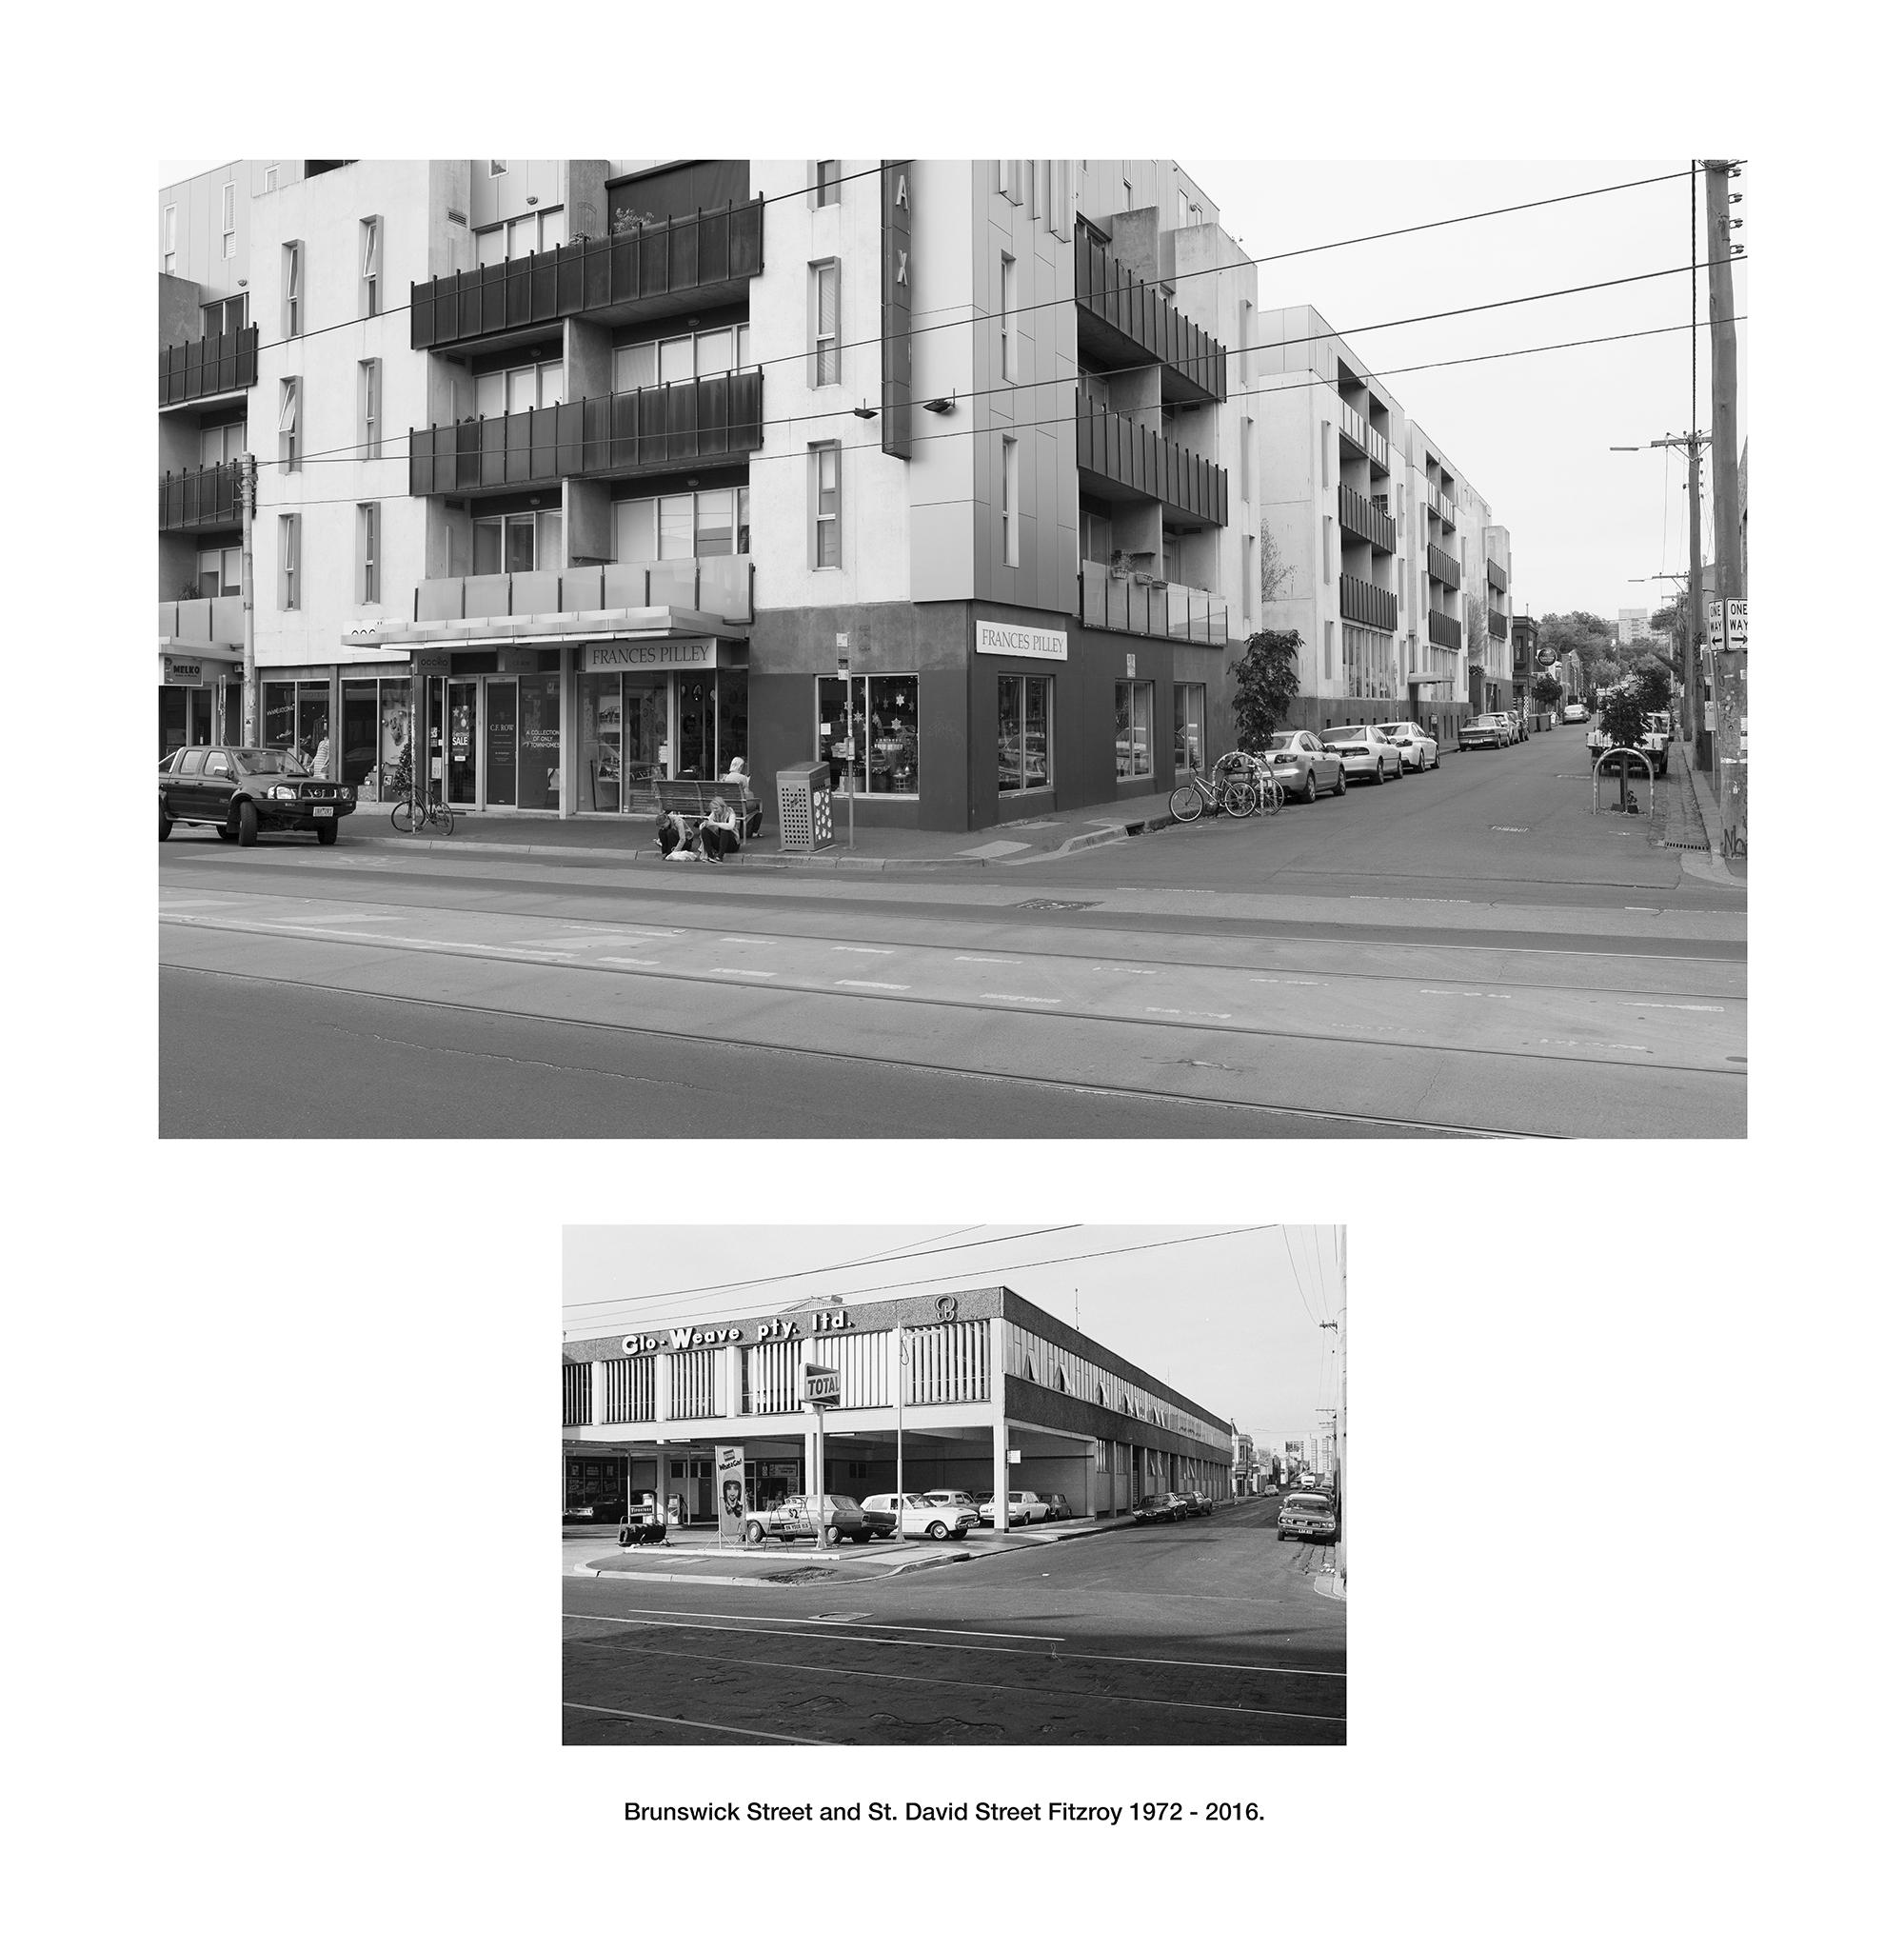 Brunswick Street and St. David Street Fitzroy 1972 - 2016.